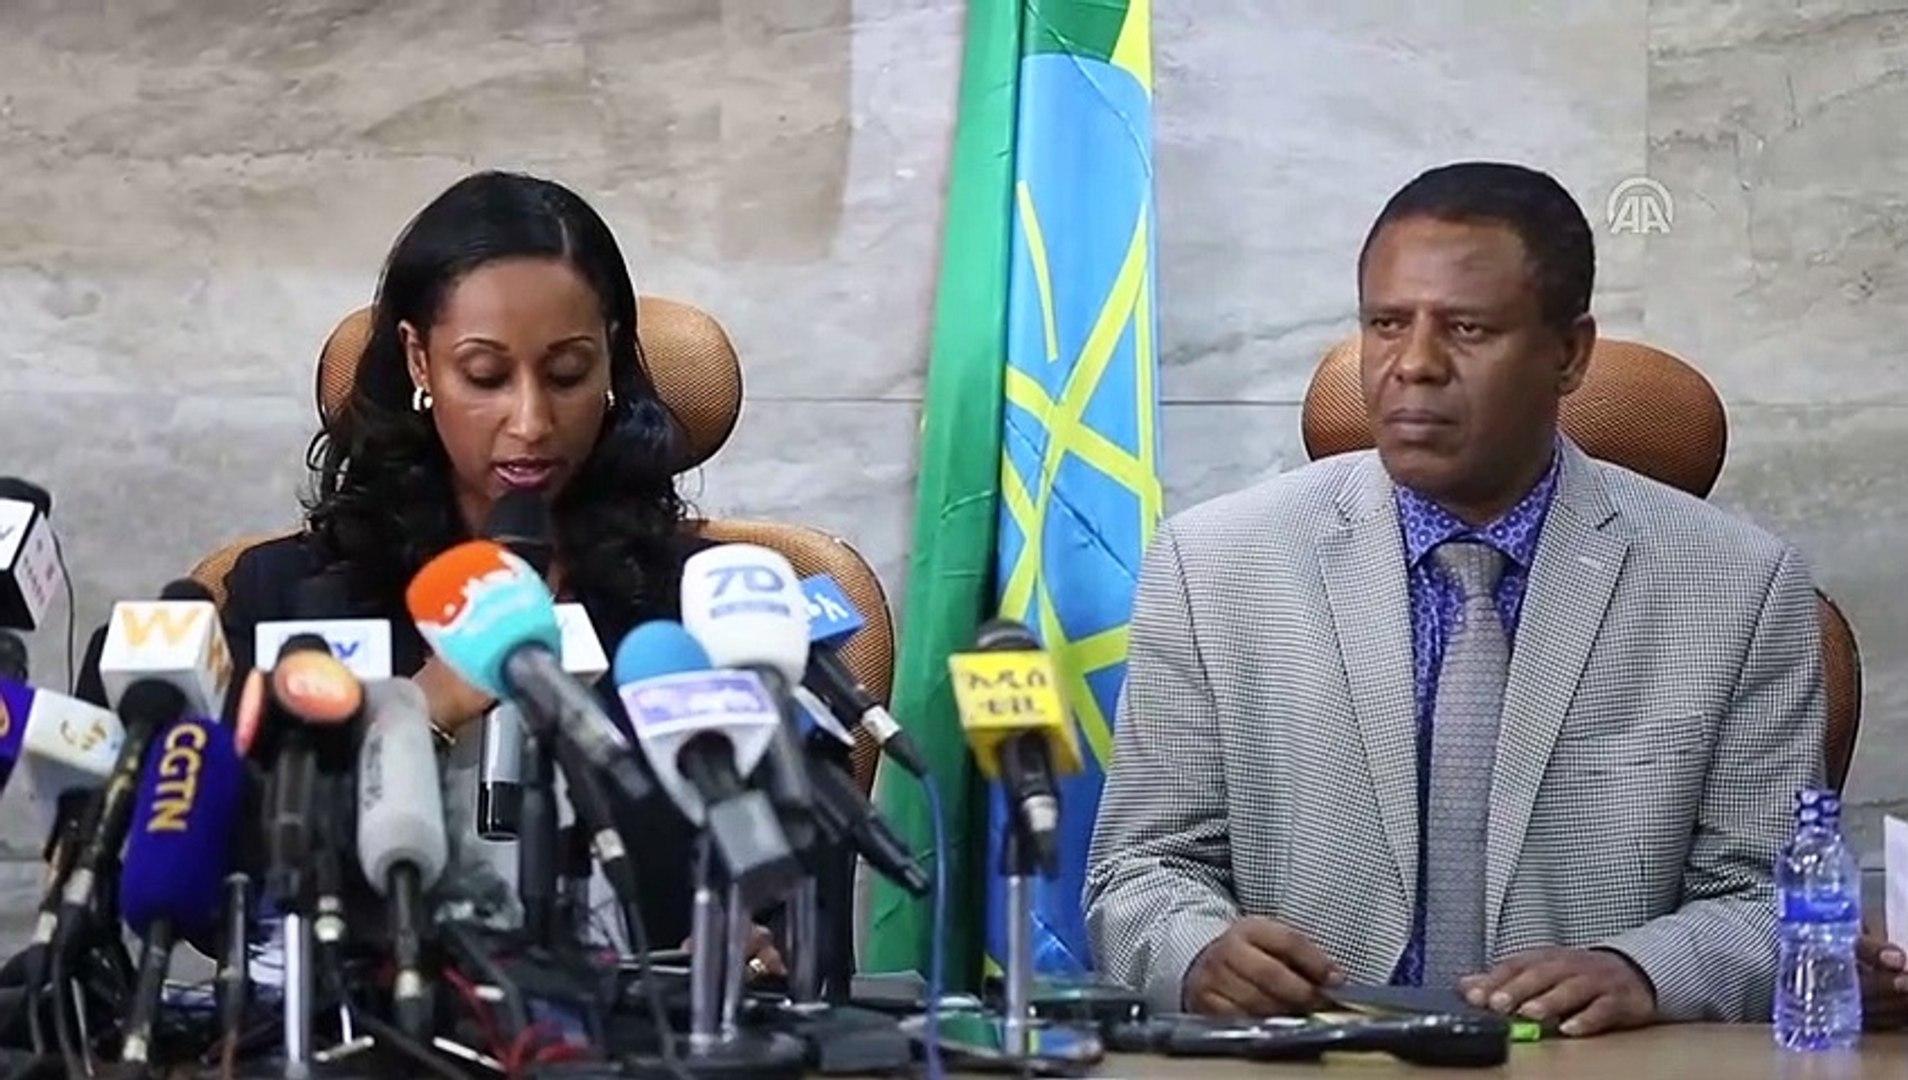 'Etiyopya'daki uçak kazasında pilotlar kontrolü sağlayamadı' - ADDİS ABABA